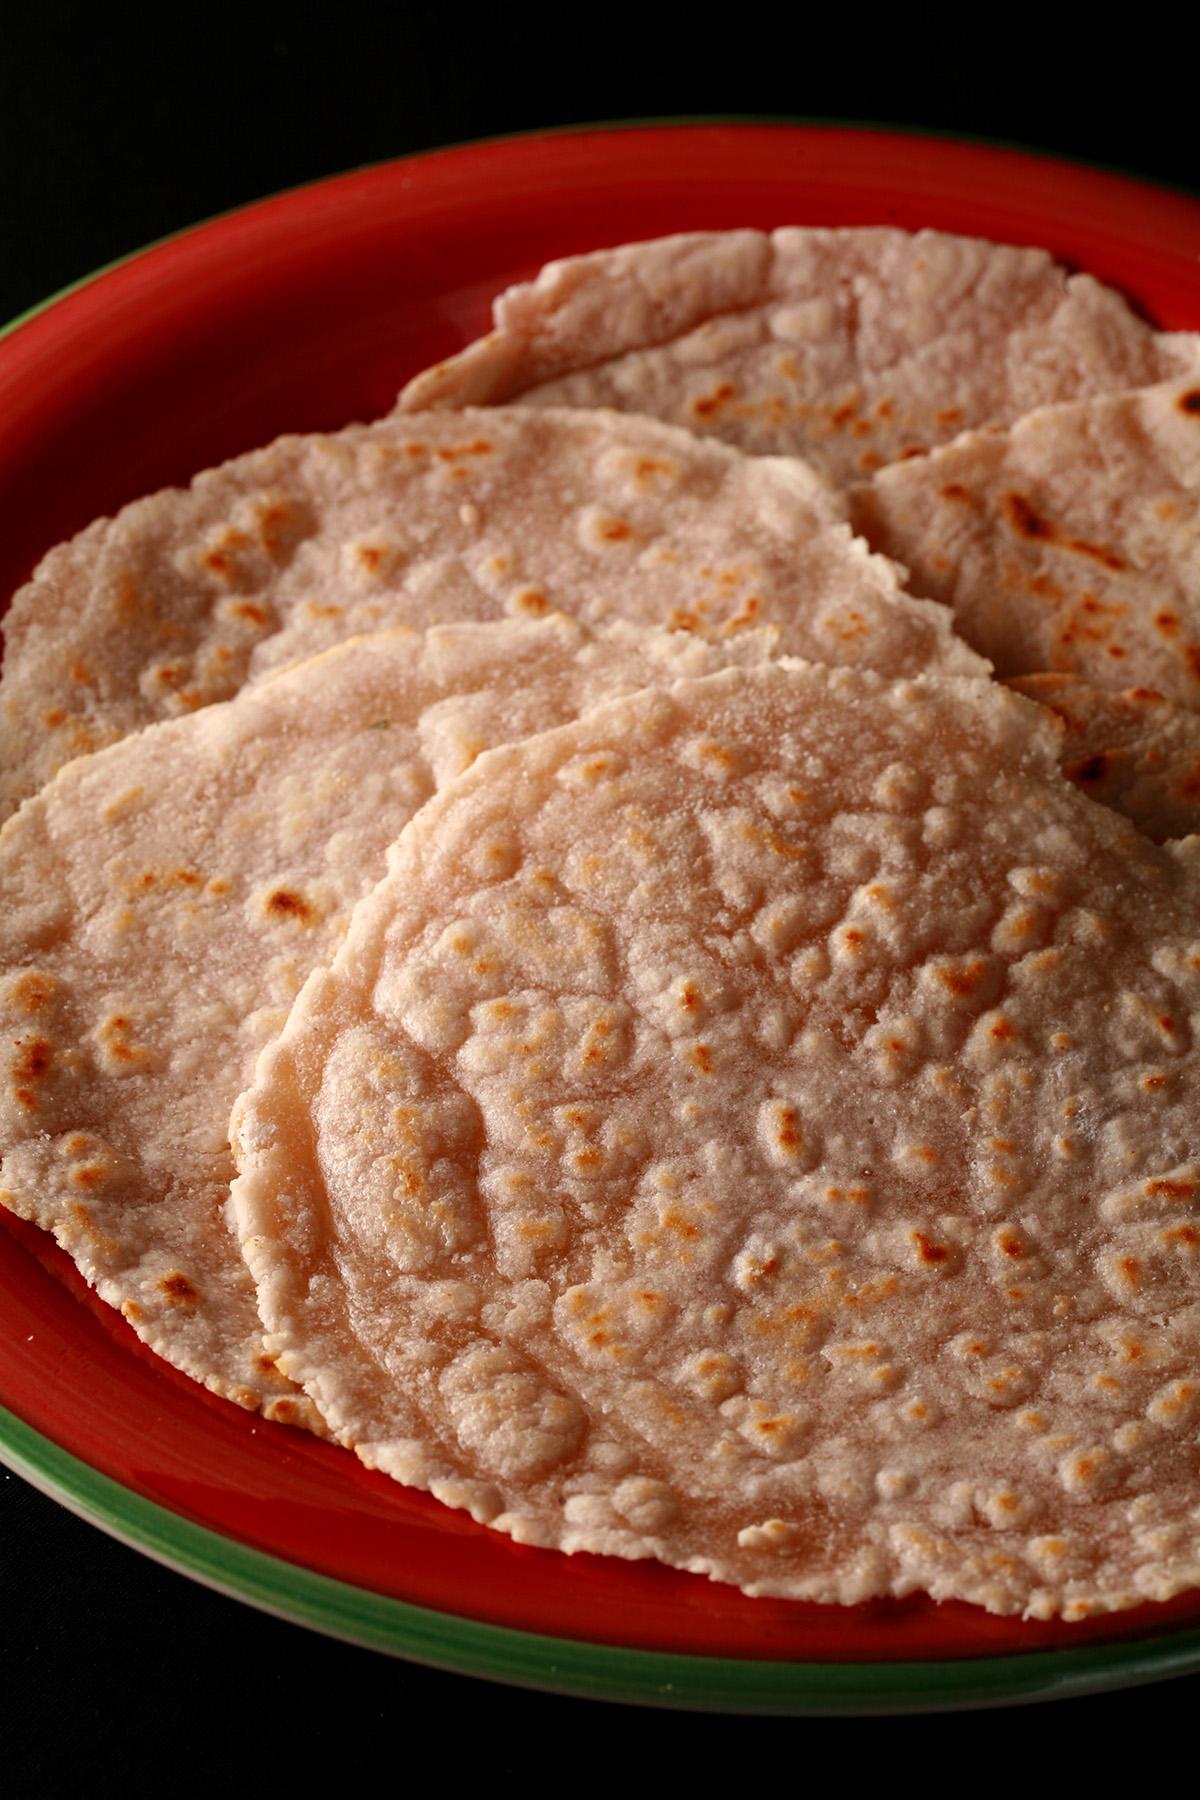 A plate piled with paleo cassava flour tortillas.